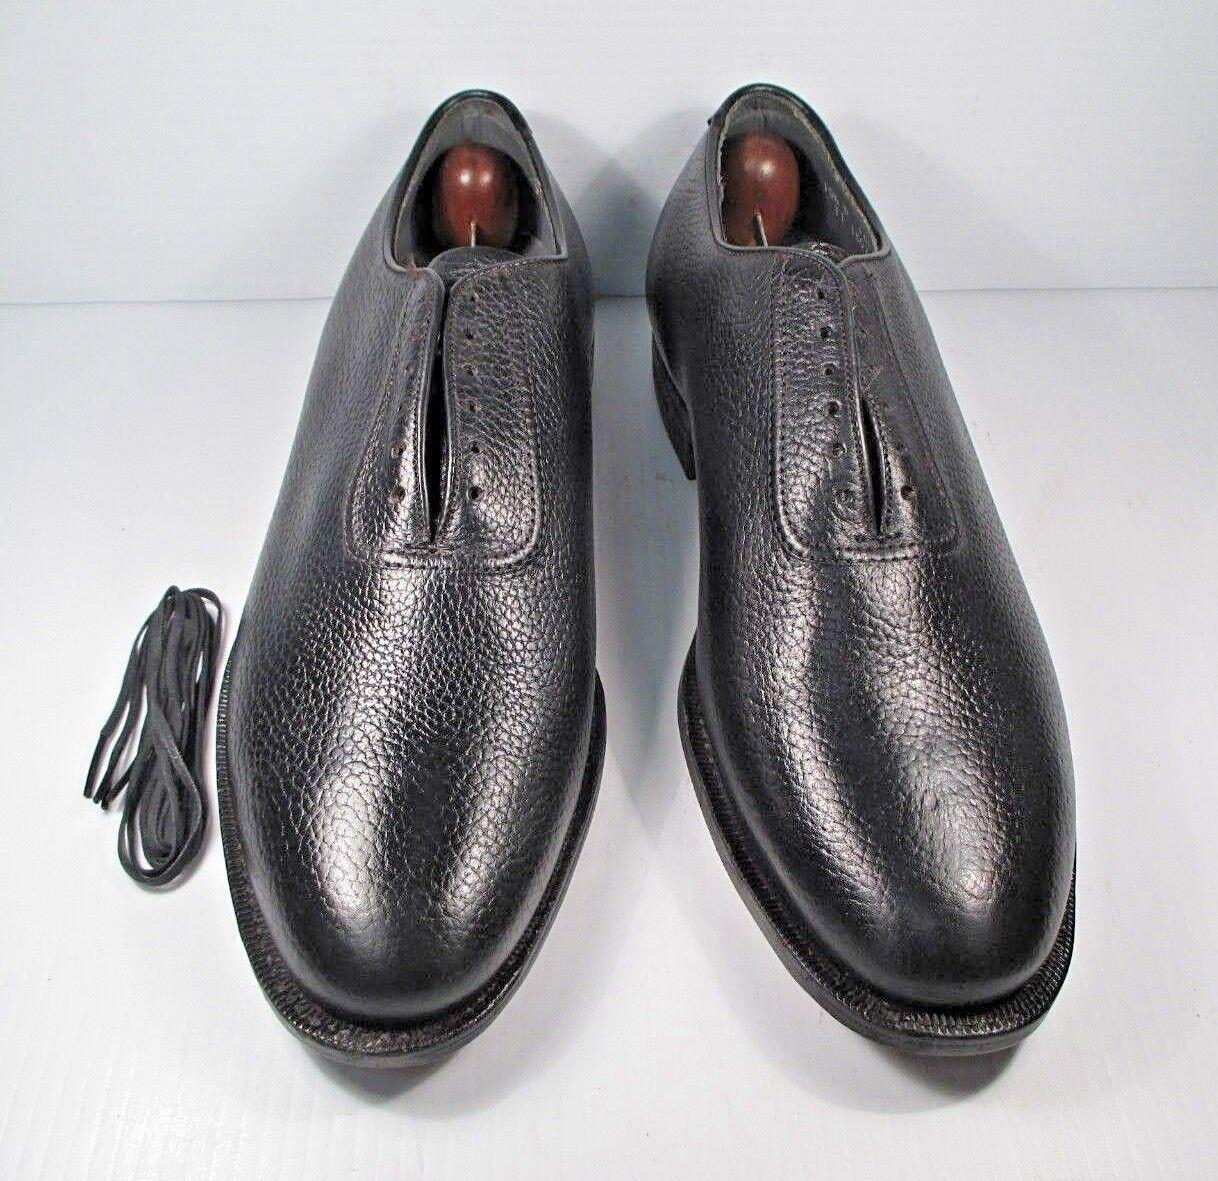 nero Leather scarpe Classics Wholecut Plain Toe Oxfords Dimensione  10.5 D Made in USA  caldo